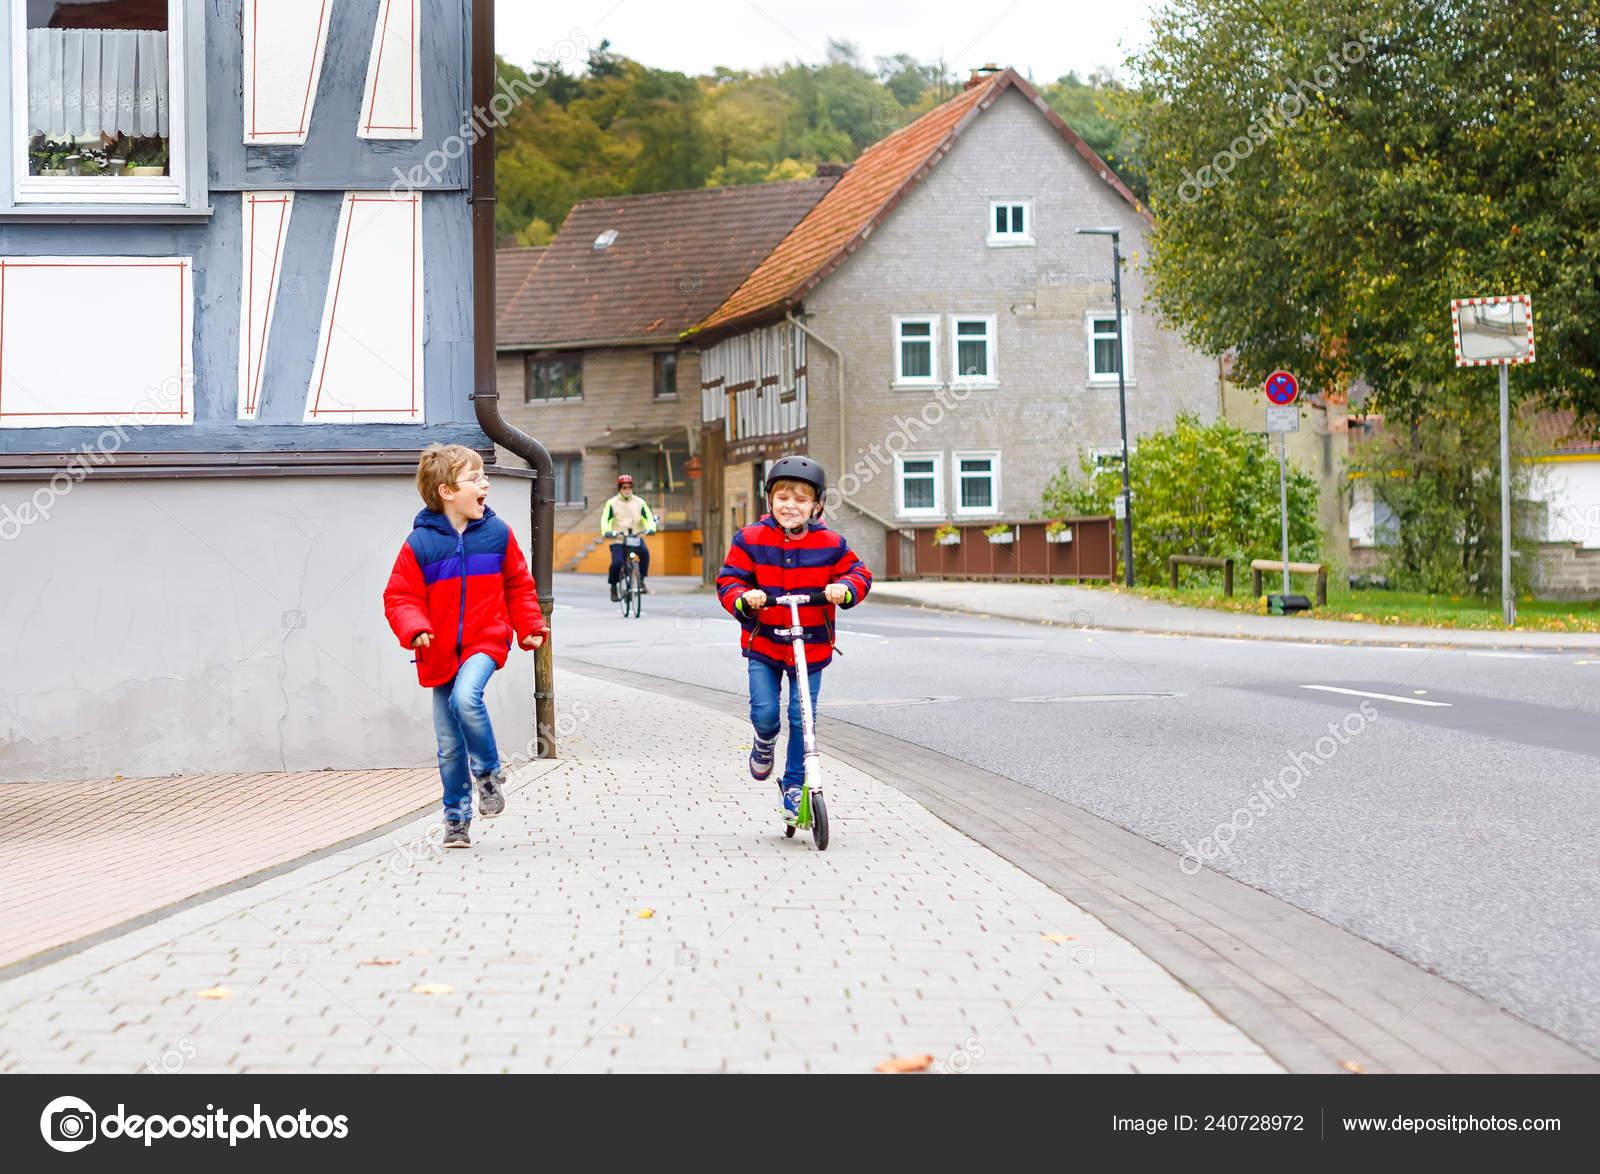 da77e9a9d743a Deux petits écoliers garçons en cours d exécution et conduite sur scooter  journée d automne. Enfants heureux en vêtements colorés et de la  circulation en ...